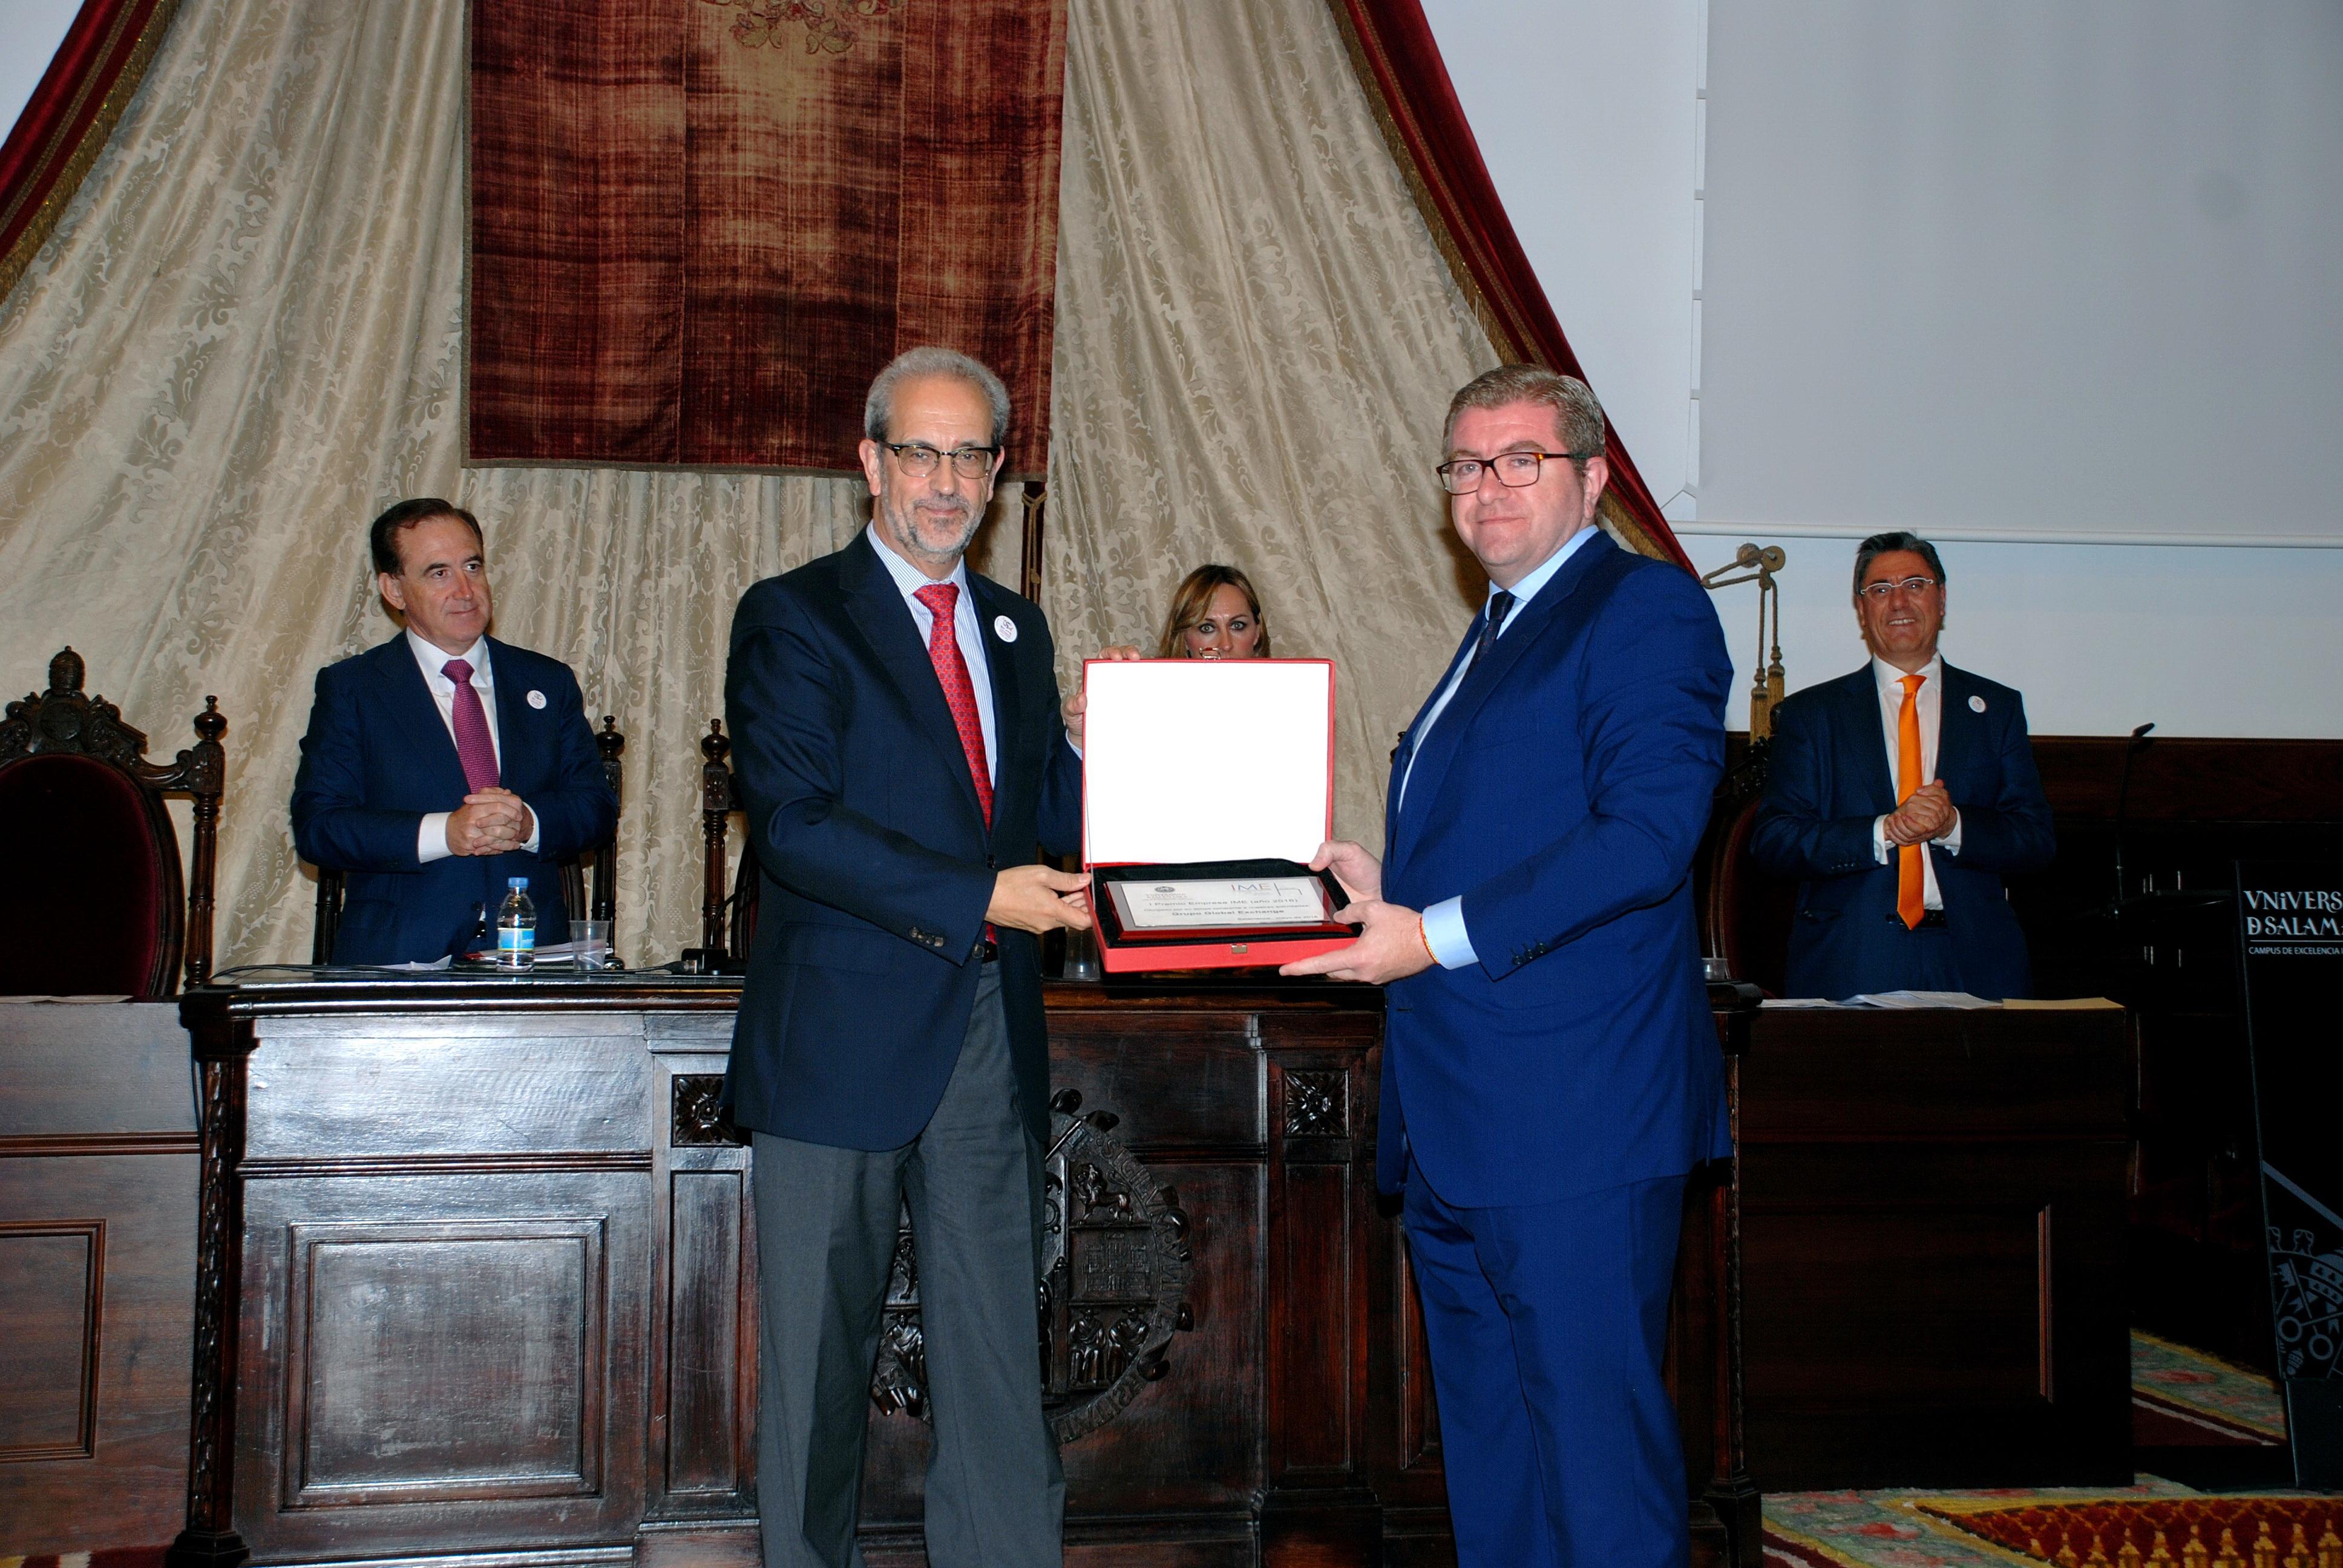 El rector, Daniel Hernández Ruipérez, preside el 'Día de la Empresa' en la Universidad de Salamanca